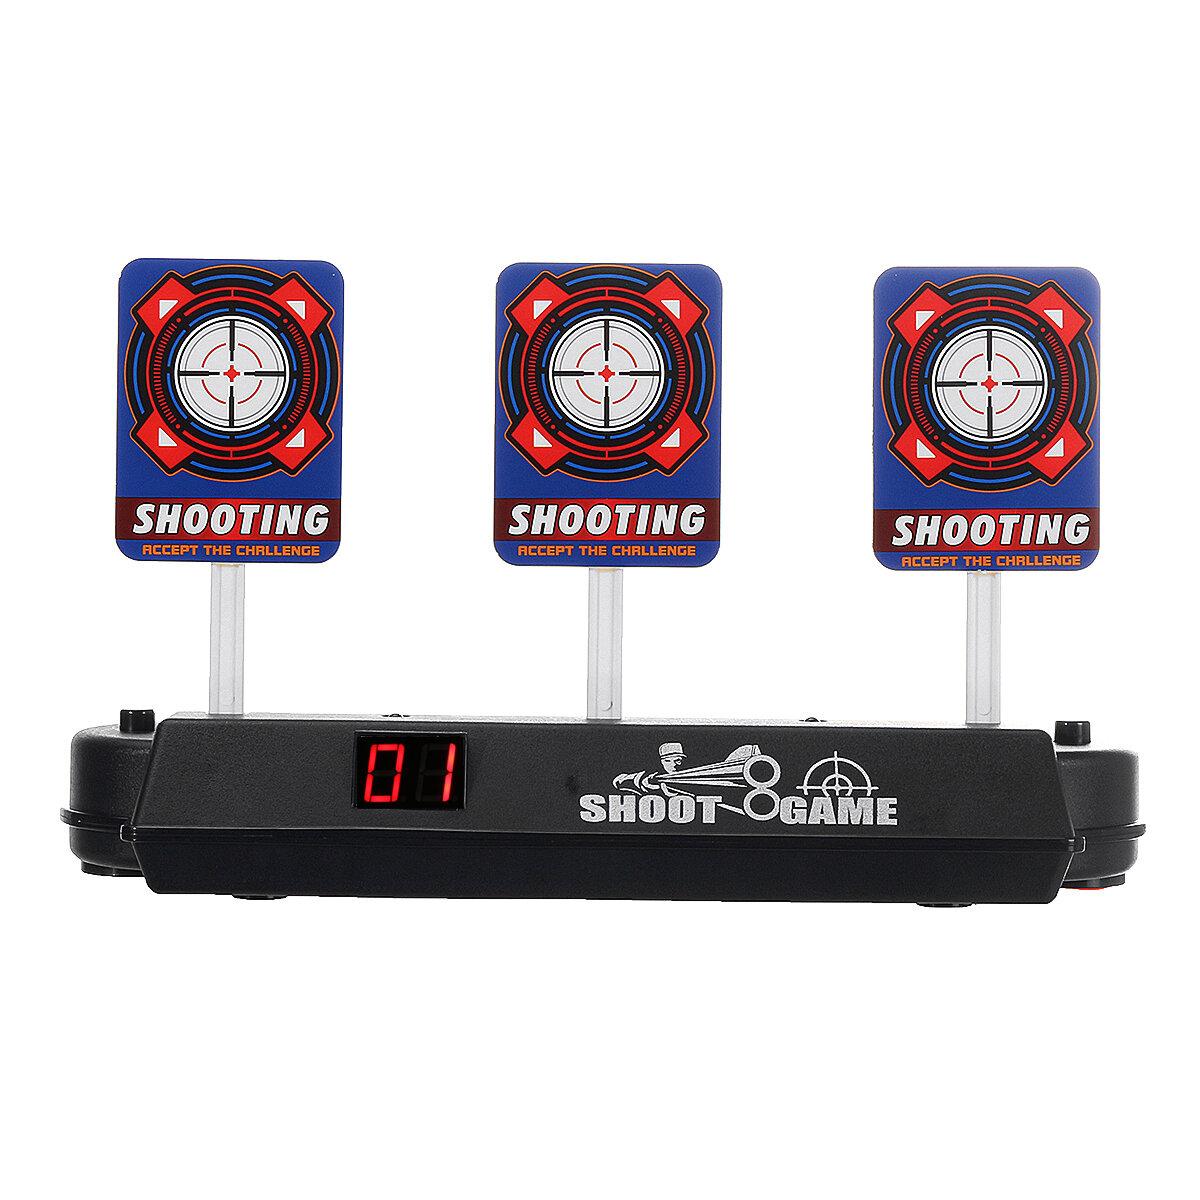 Mini Electronic Scoring Target Electric Score Bullet Shooting Target Toy, Banggood  - buy with discount